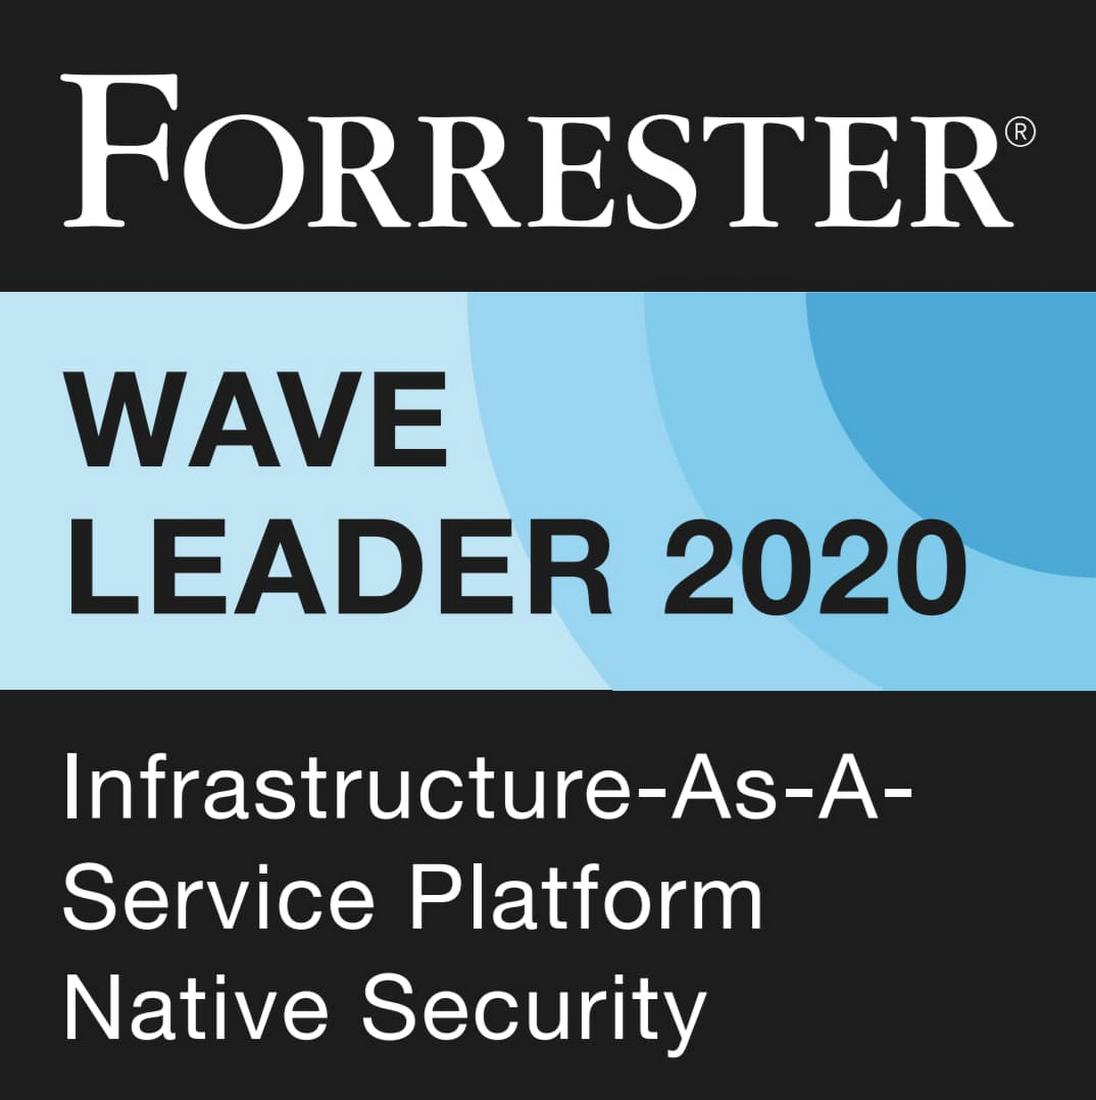 forrester wave iaas 2020.jpg